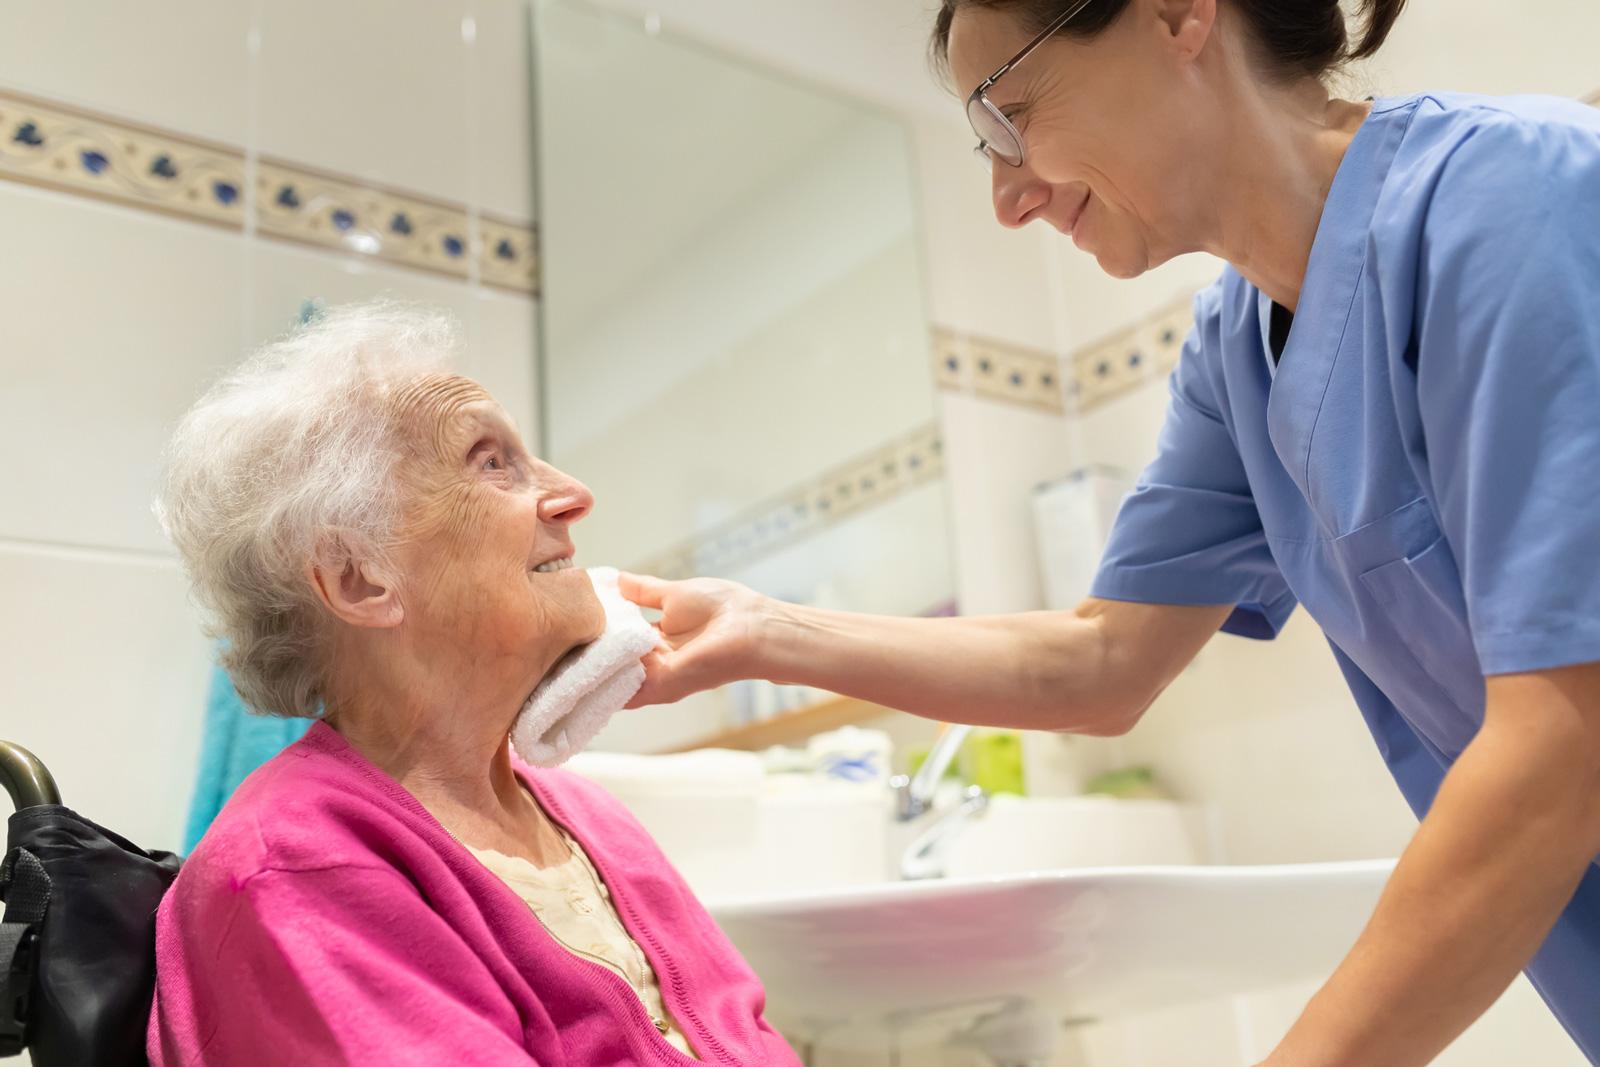 Ausgebildete Pflegekäfte oder Heimhilfen unterstützen die häusliche Pflege.